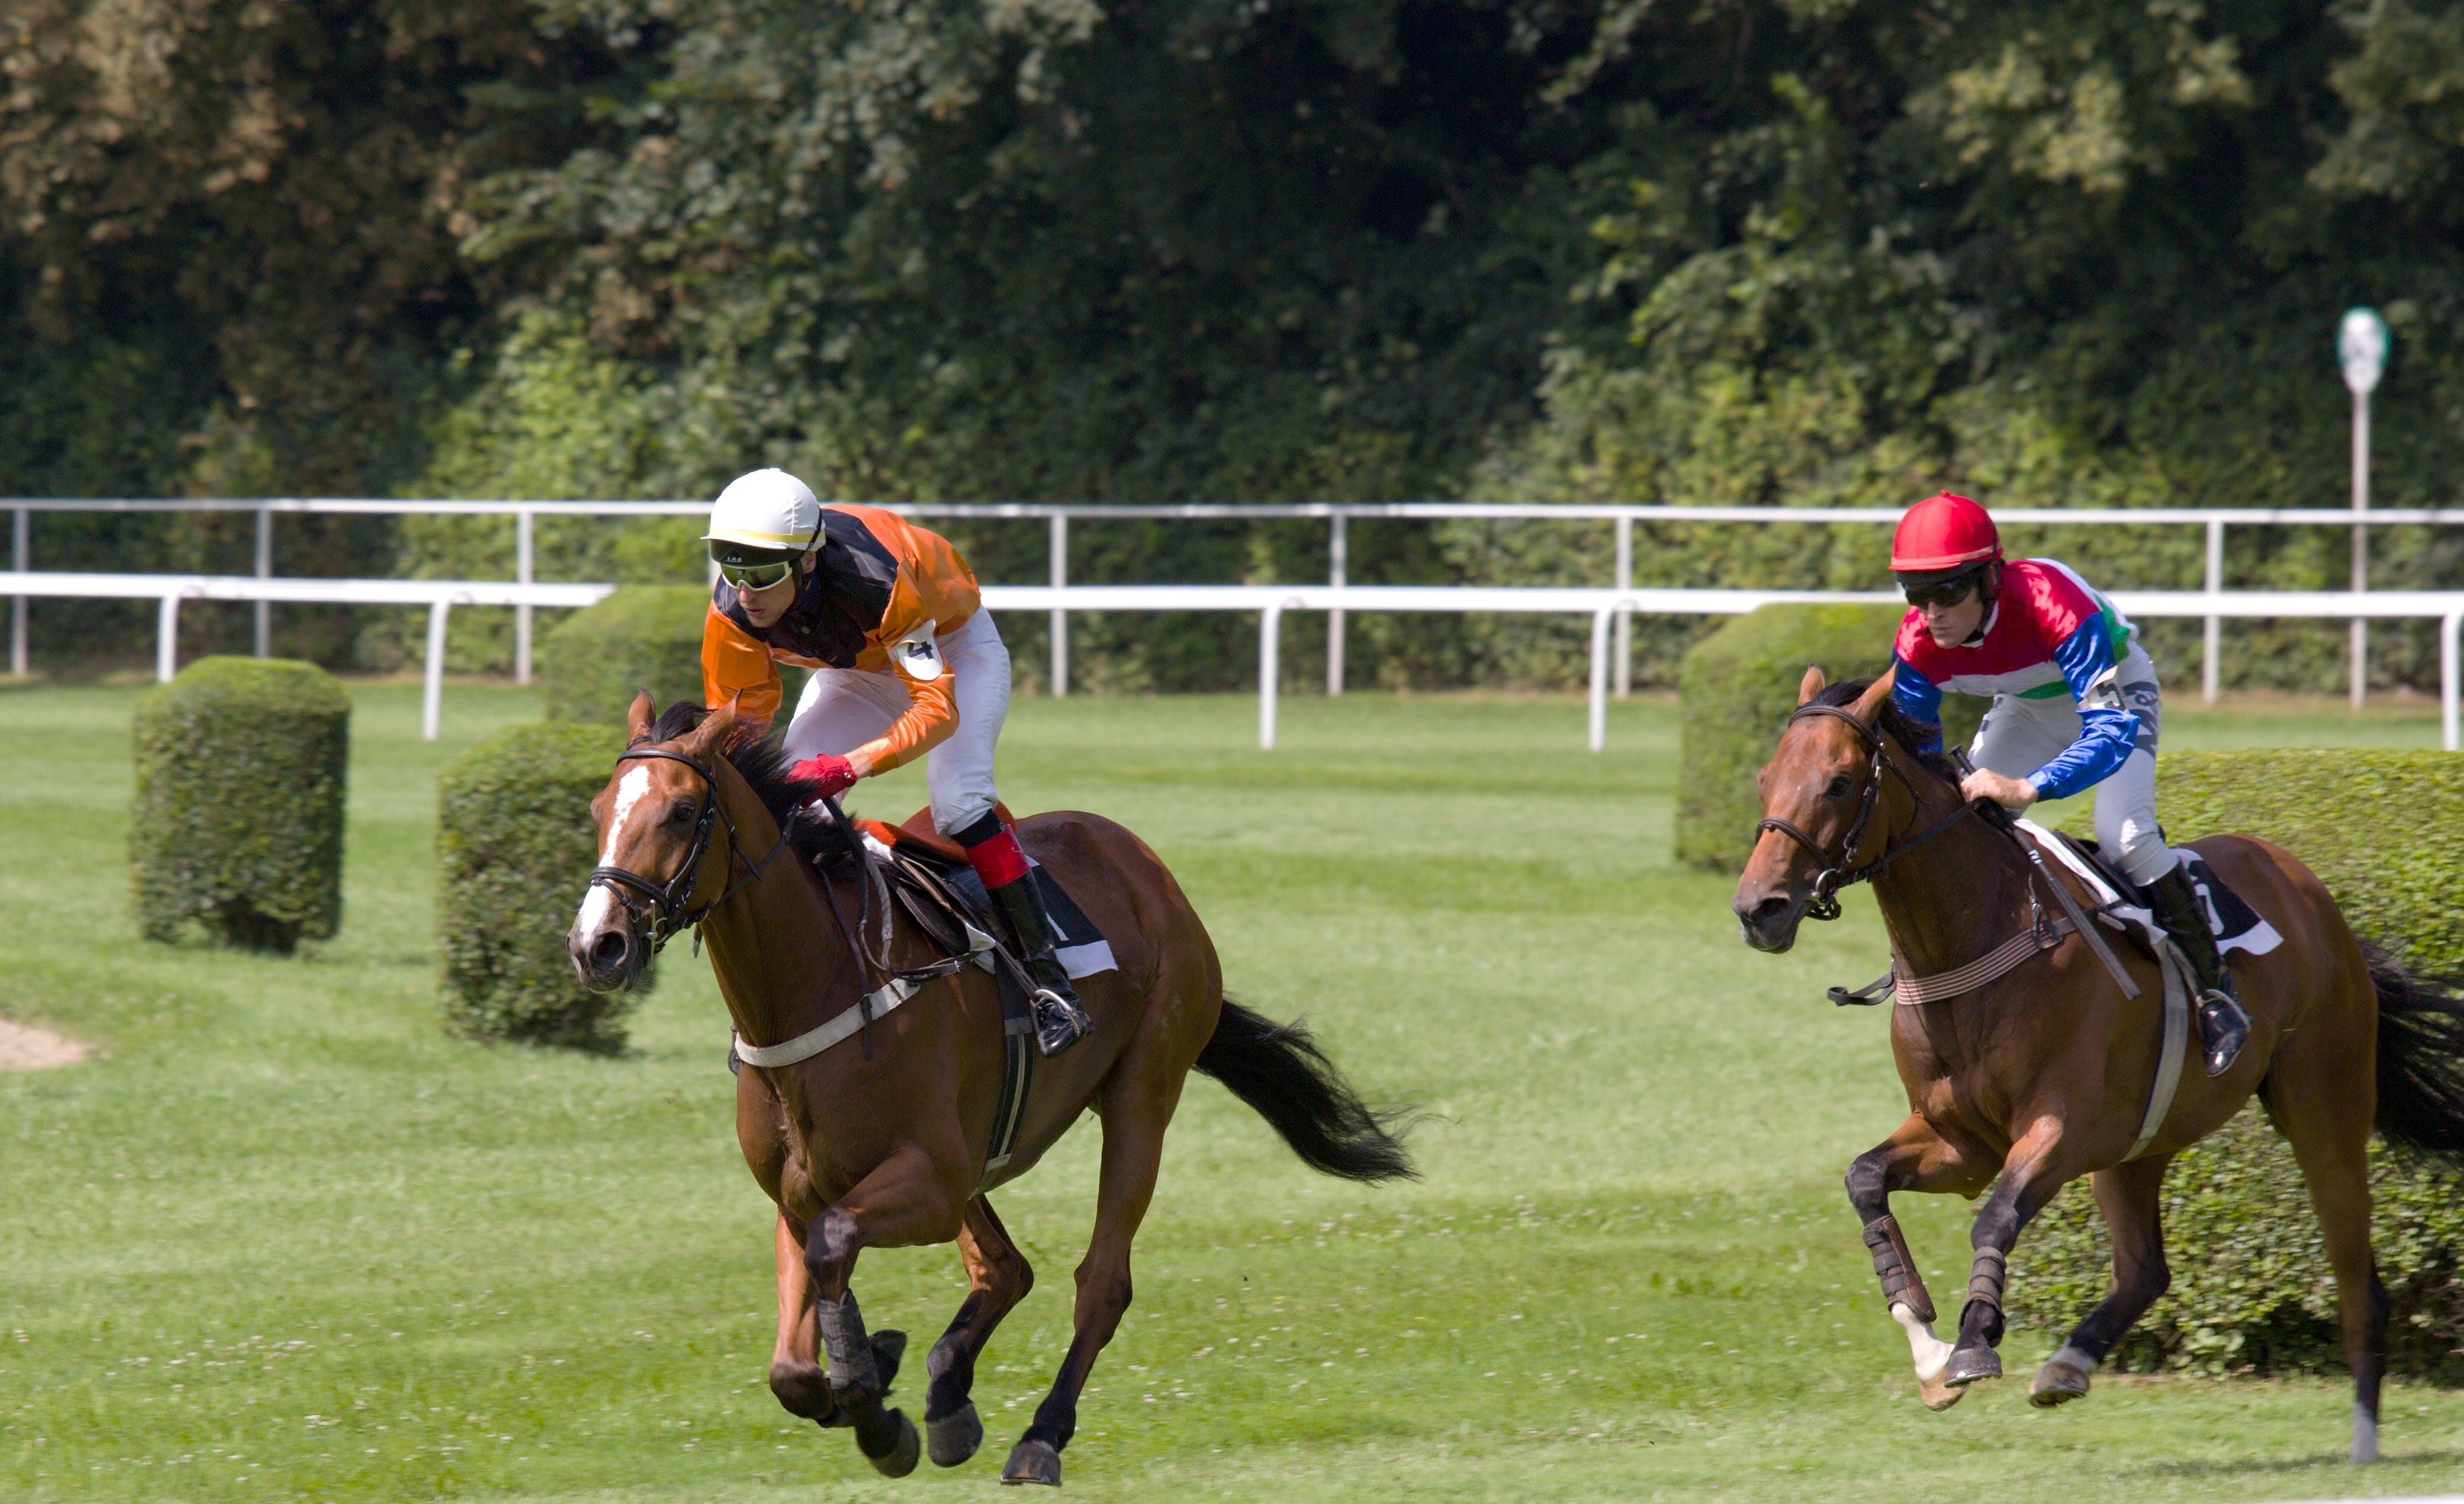 Gratis lagerfoto af bevægelse, hest, hesterace, hesterytter